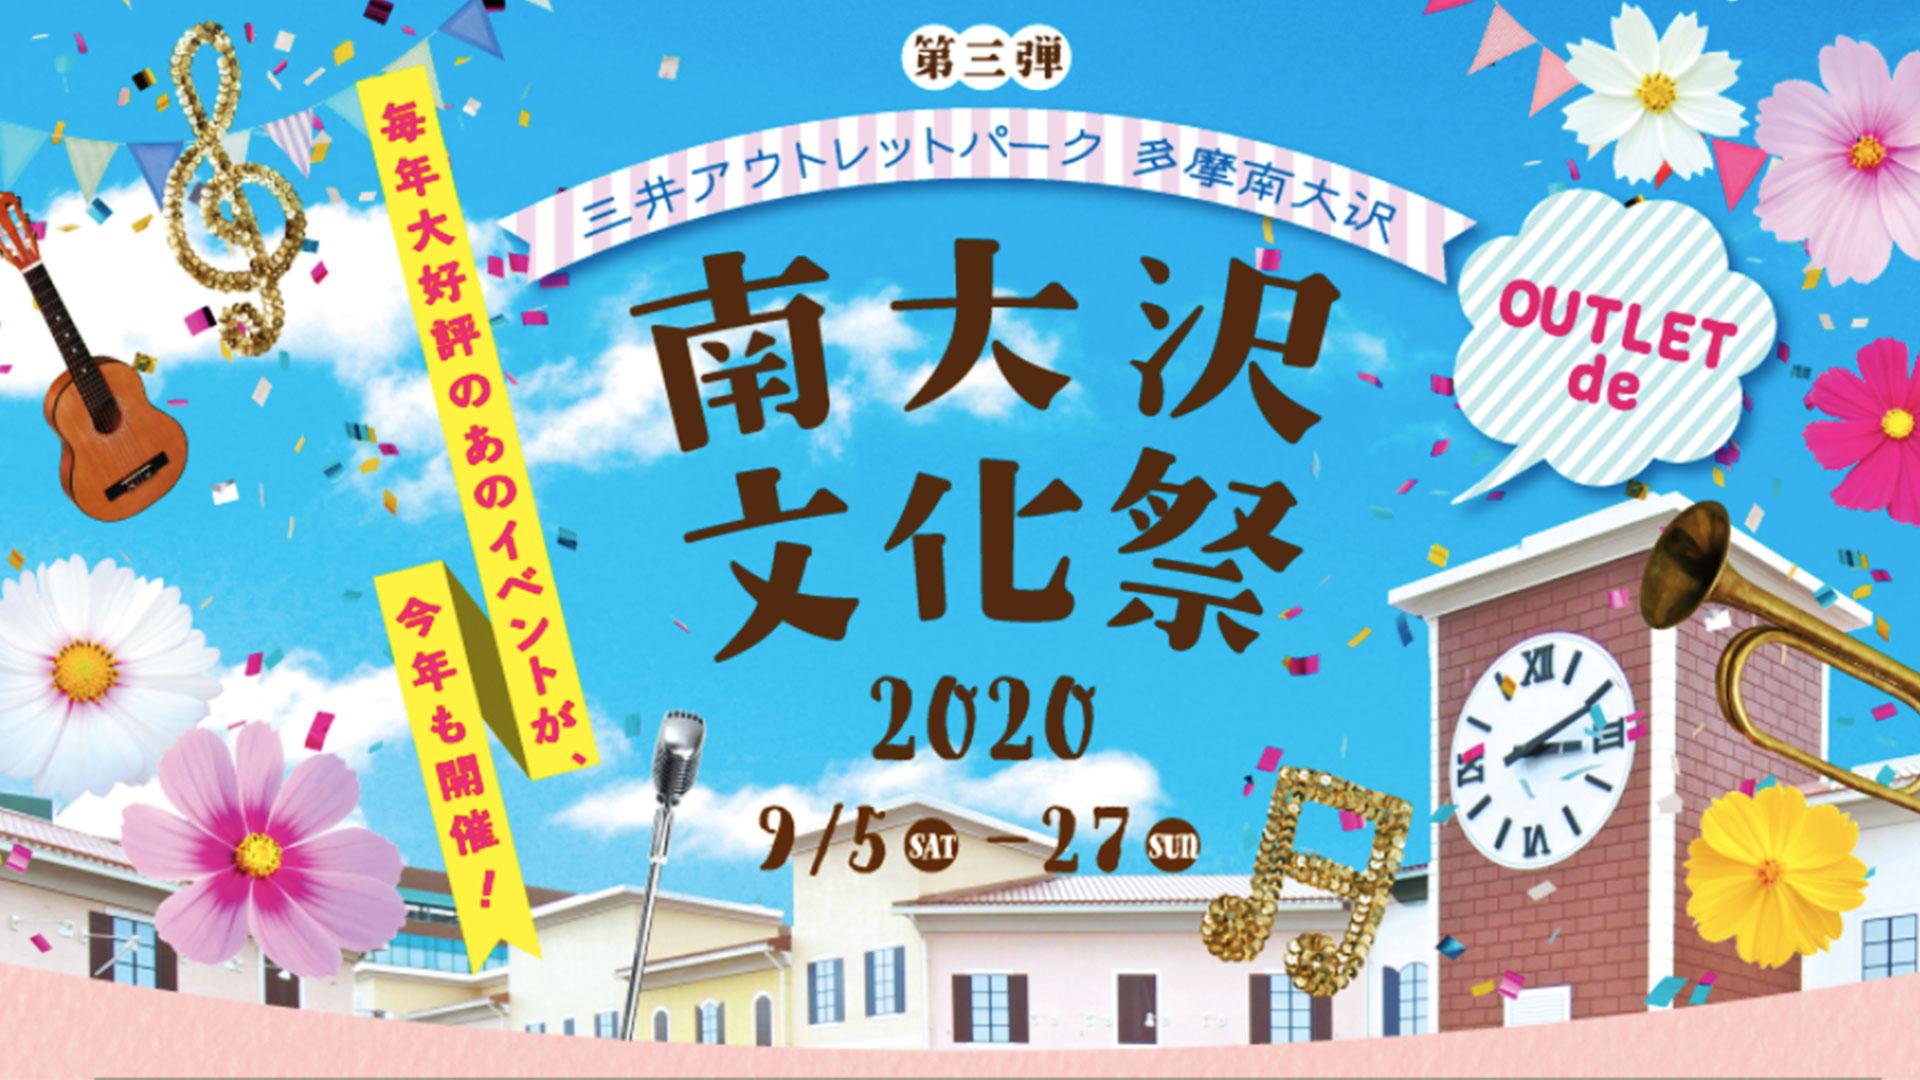 三井アウトレットパーク 多摩南大沢 南大沢文化祭を開催